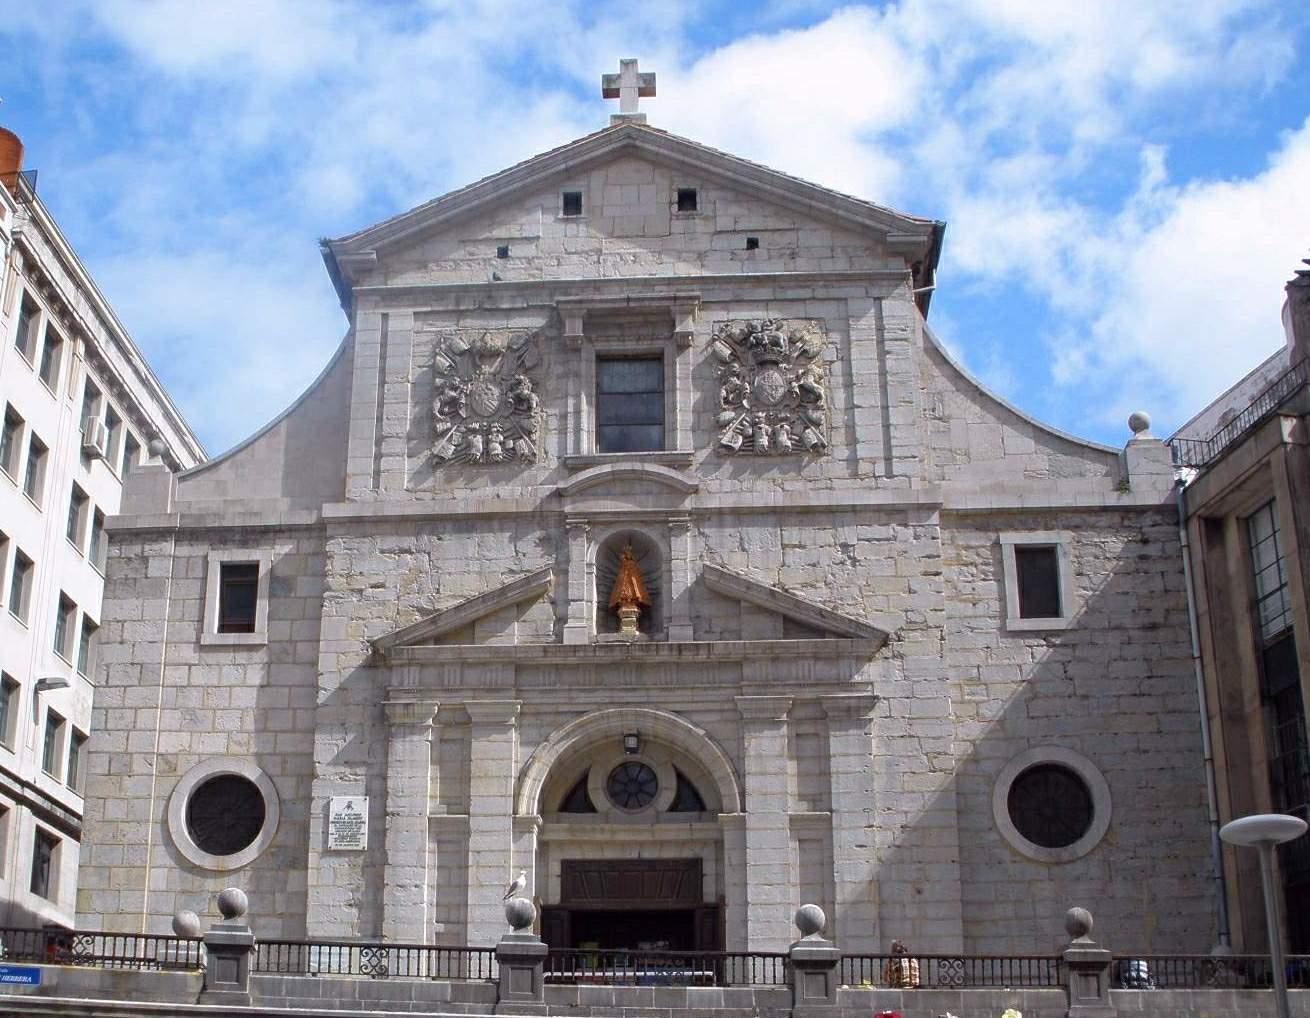 Fachada de la iglesia de la Anunciación, Santander